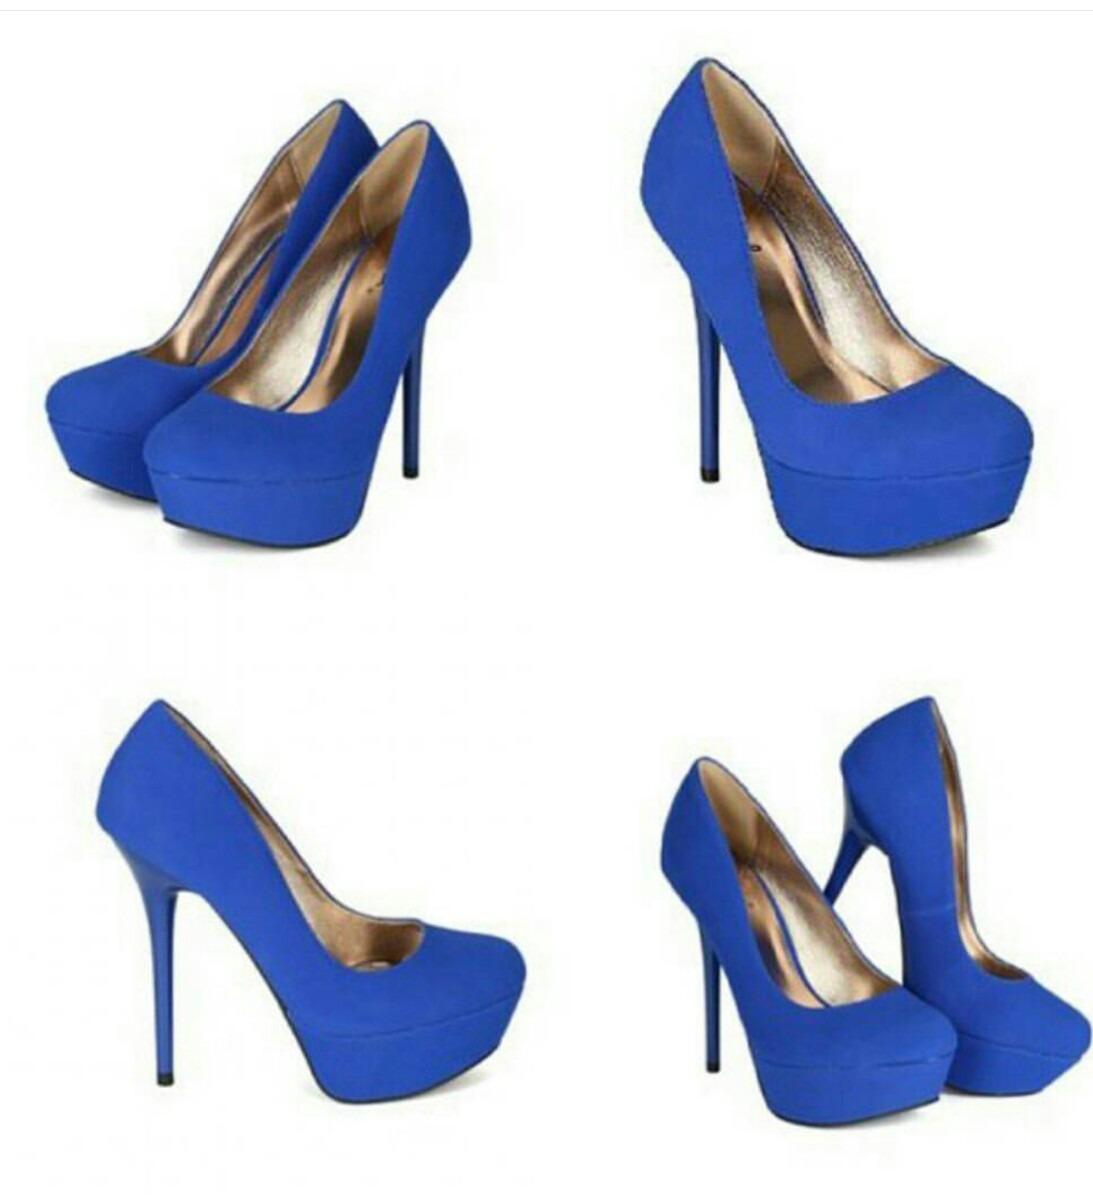 zapato plataforma tacón marca qupid última moda mayor detal